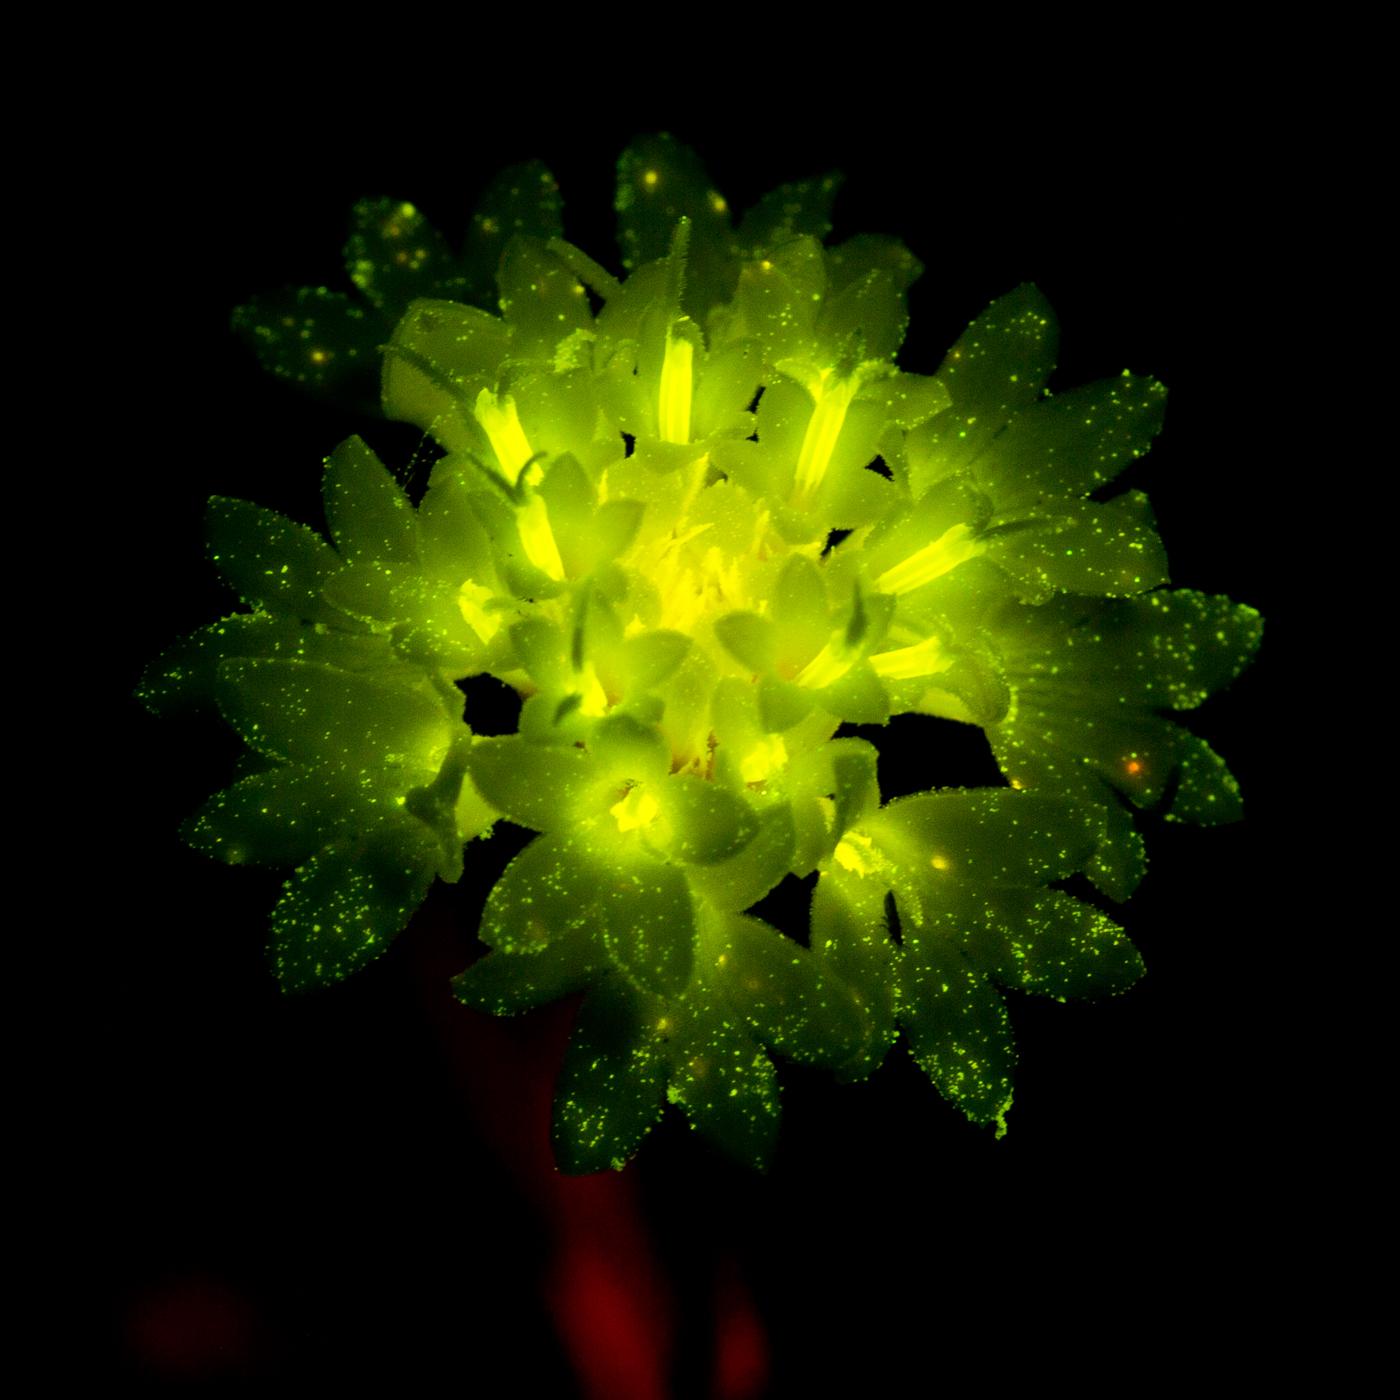 Light under Light: Flower (c) Charles Mazel